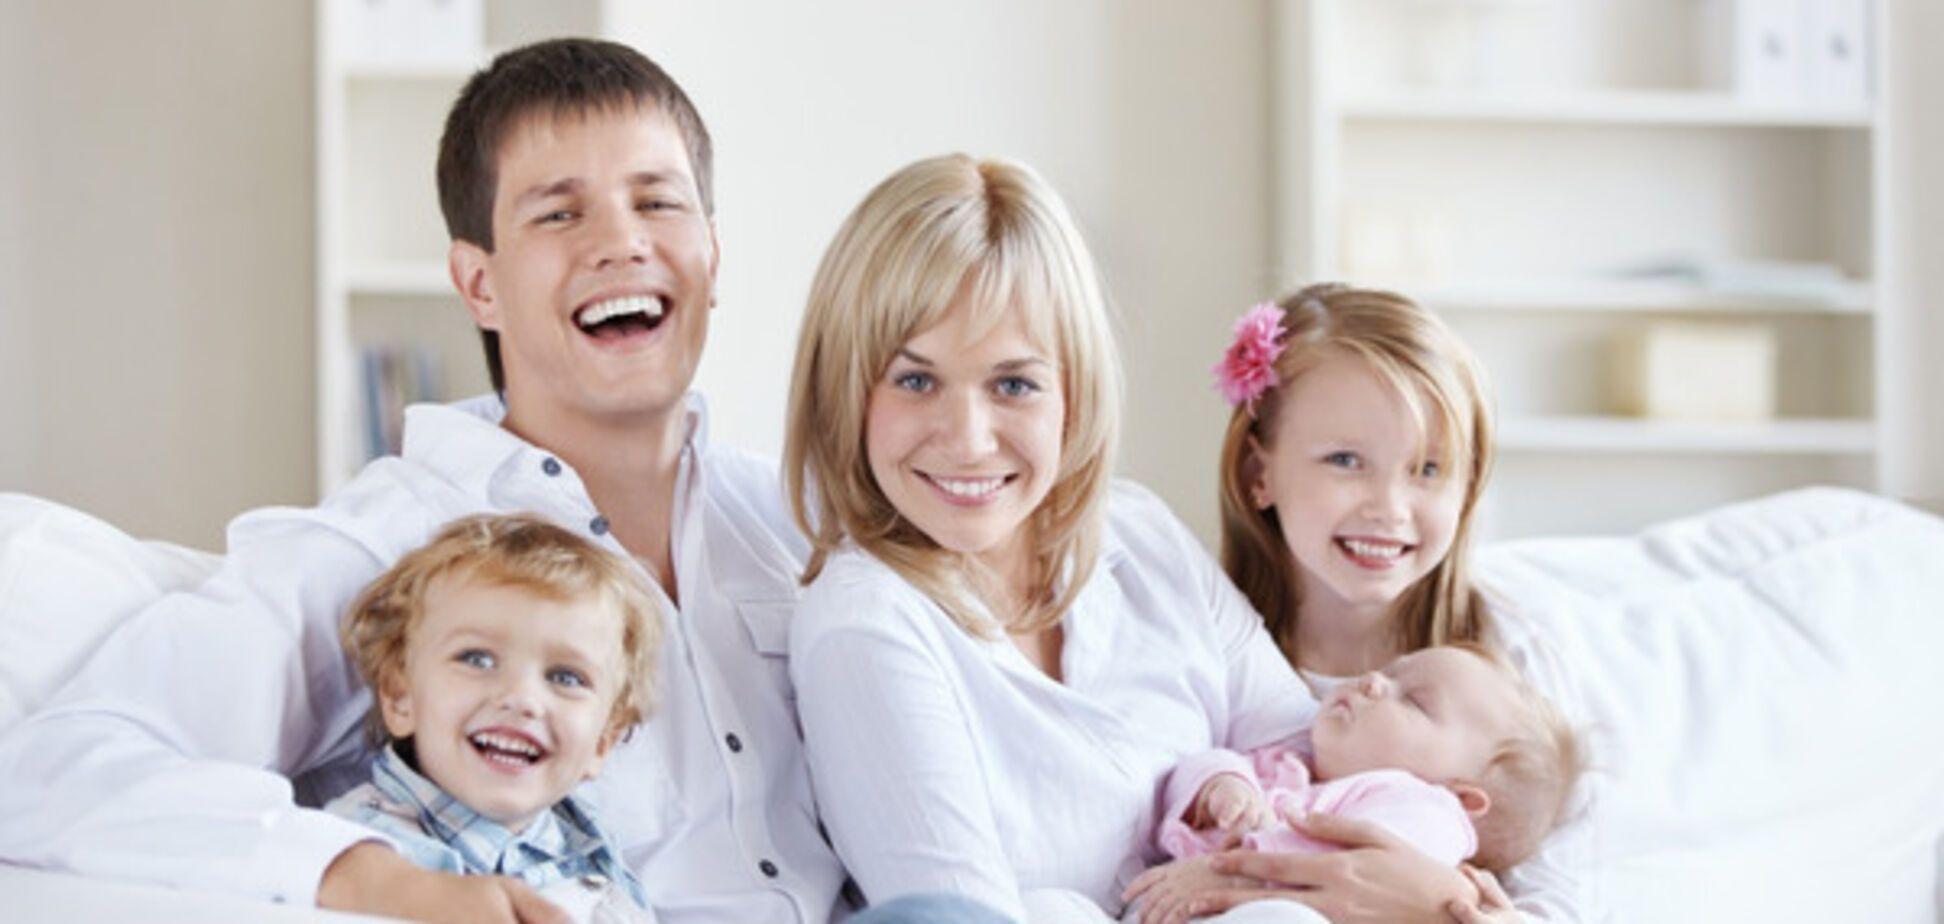 Как избежать нервотрепки: важные советы родителям